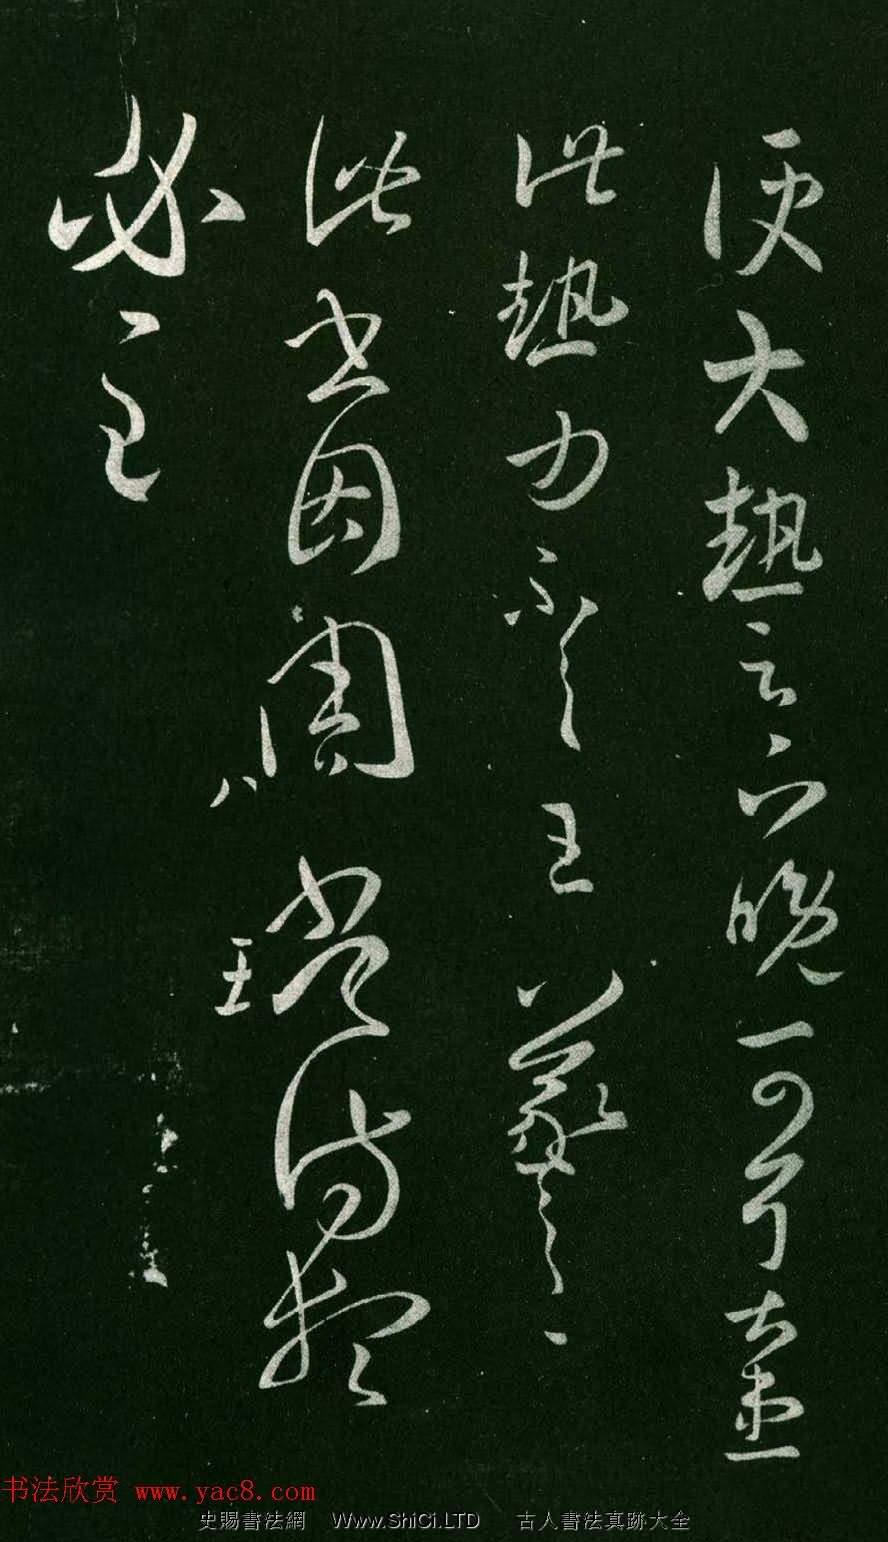 王羲之草書欣賞《大熱帖》六種